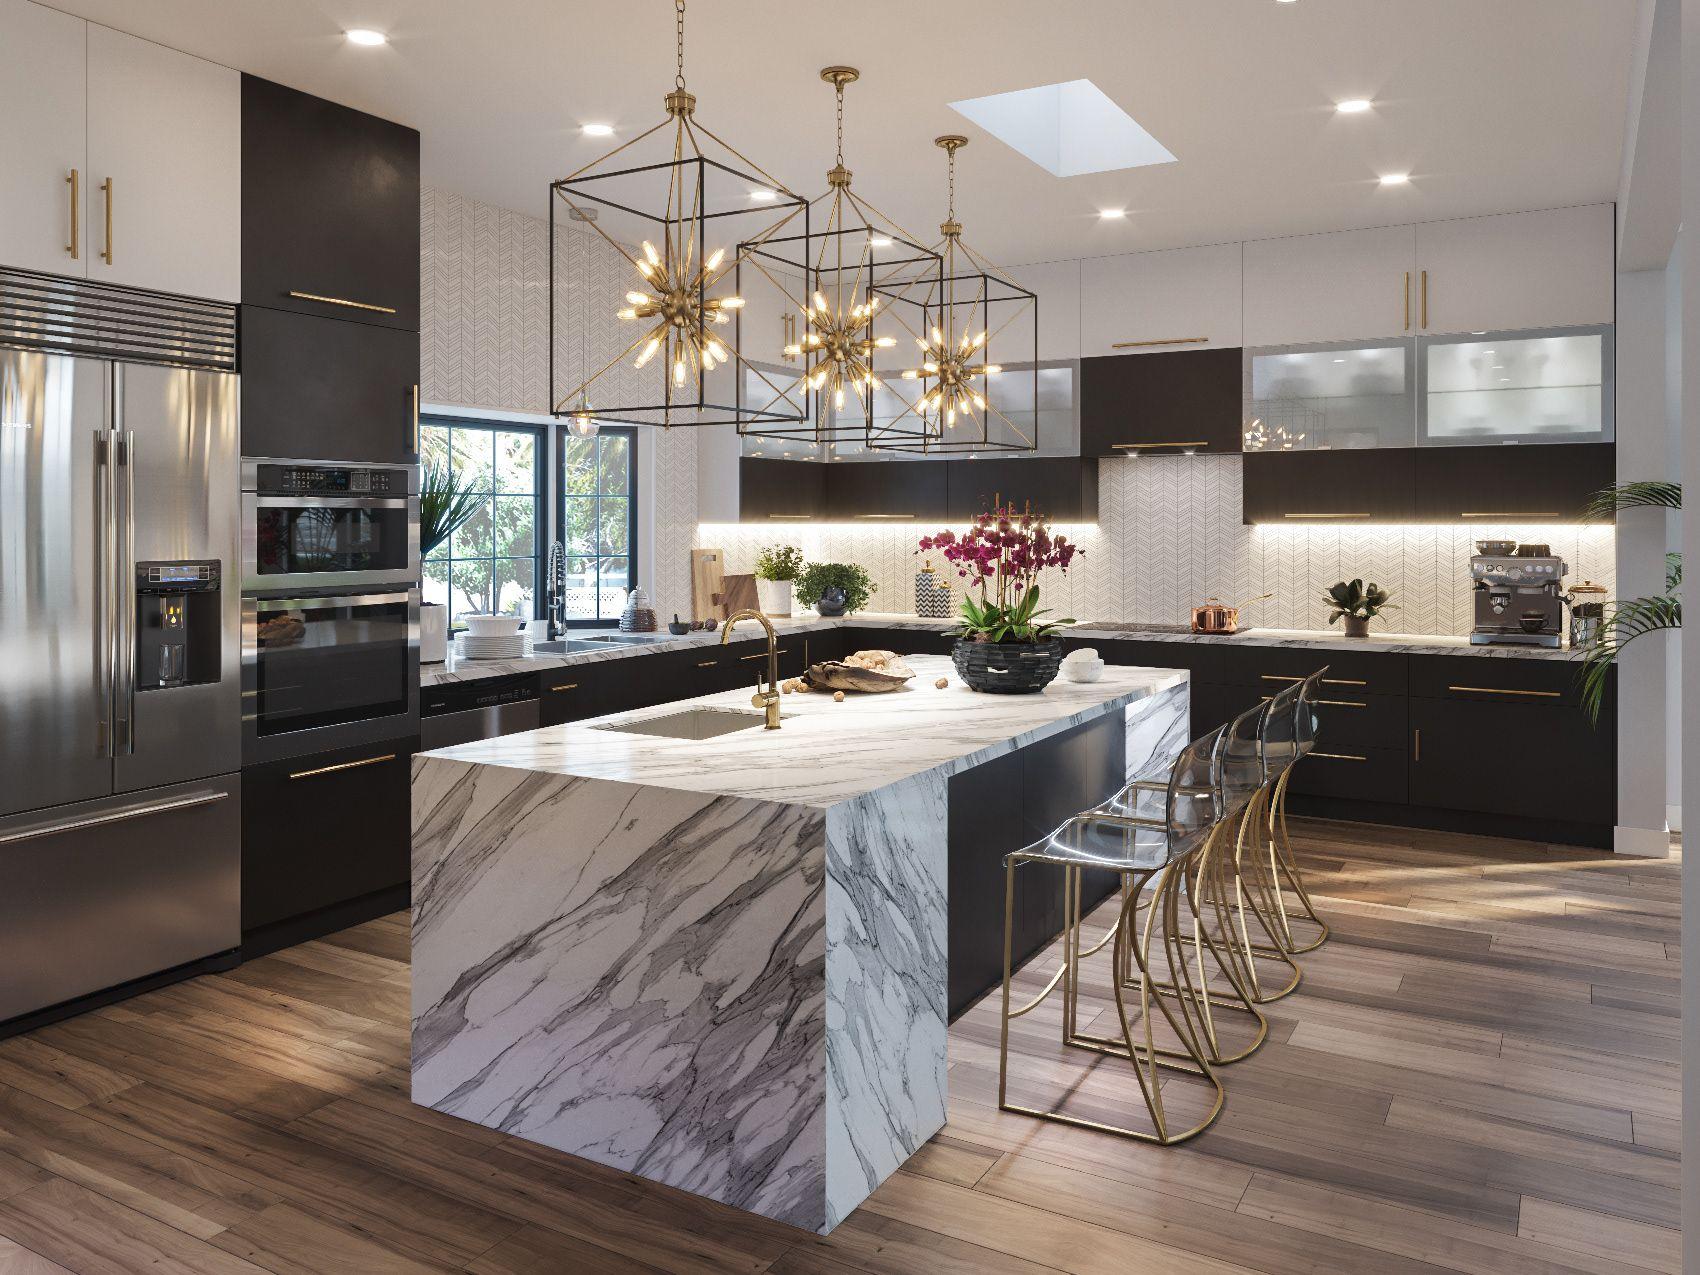 House In San Jose Ca On Behance Luxury Kitchen Design Kitchen Design Trends Dining Room Design